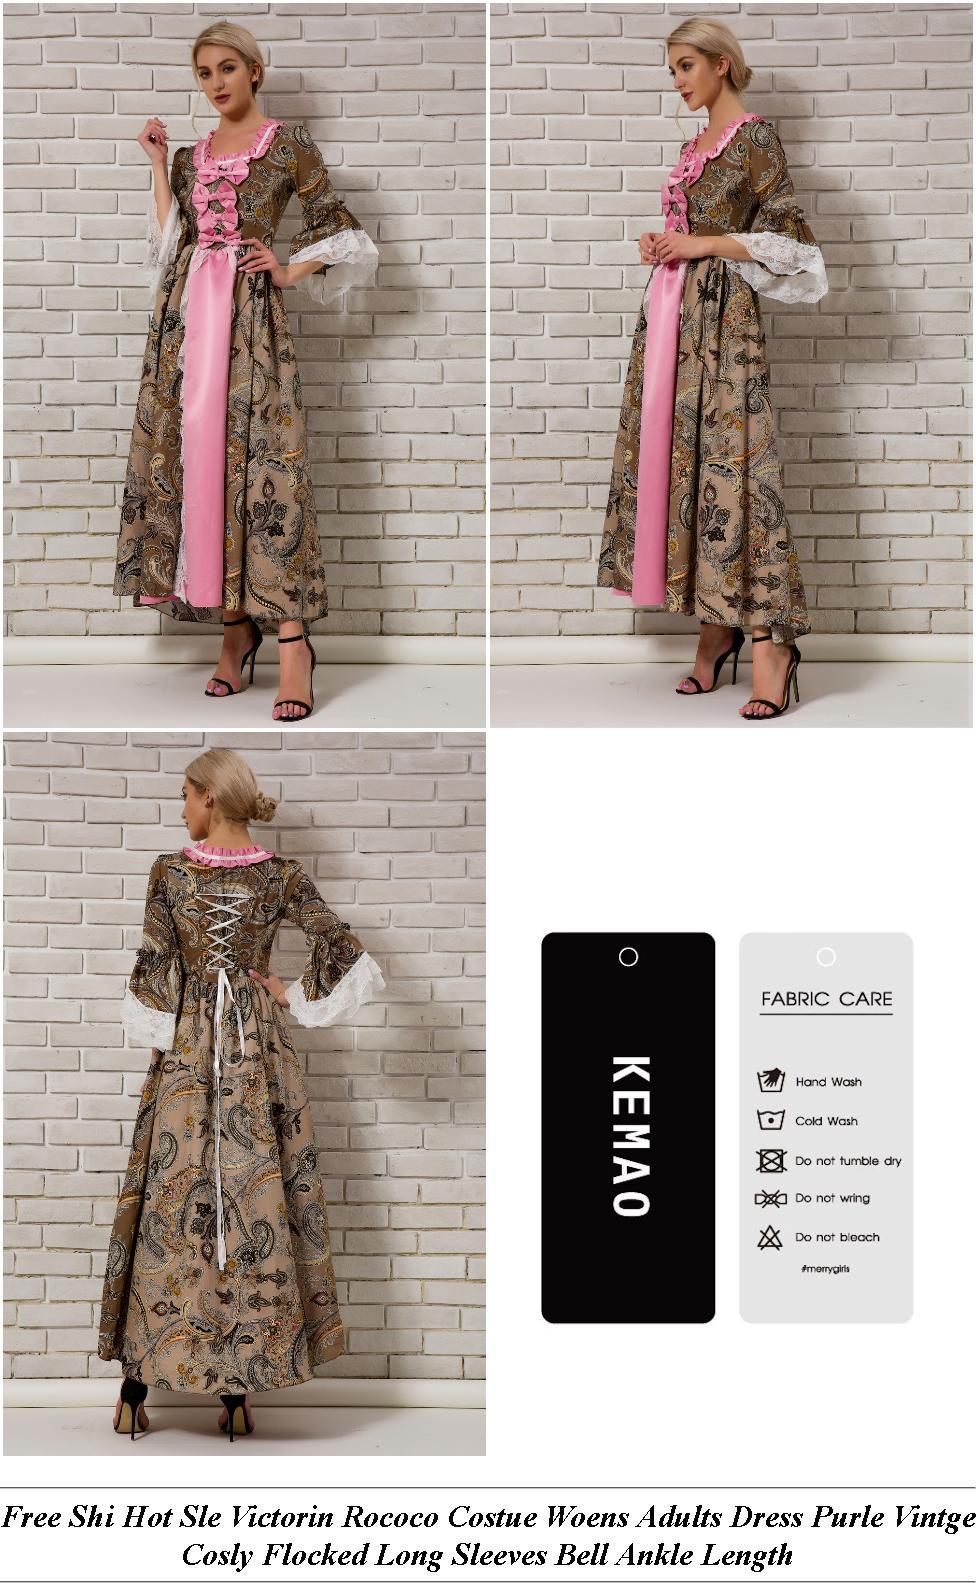 Teal Junior Prom Dresses - Est Online Sale Today - Mango Wrap Linen Dress